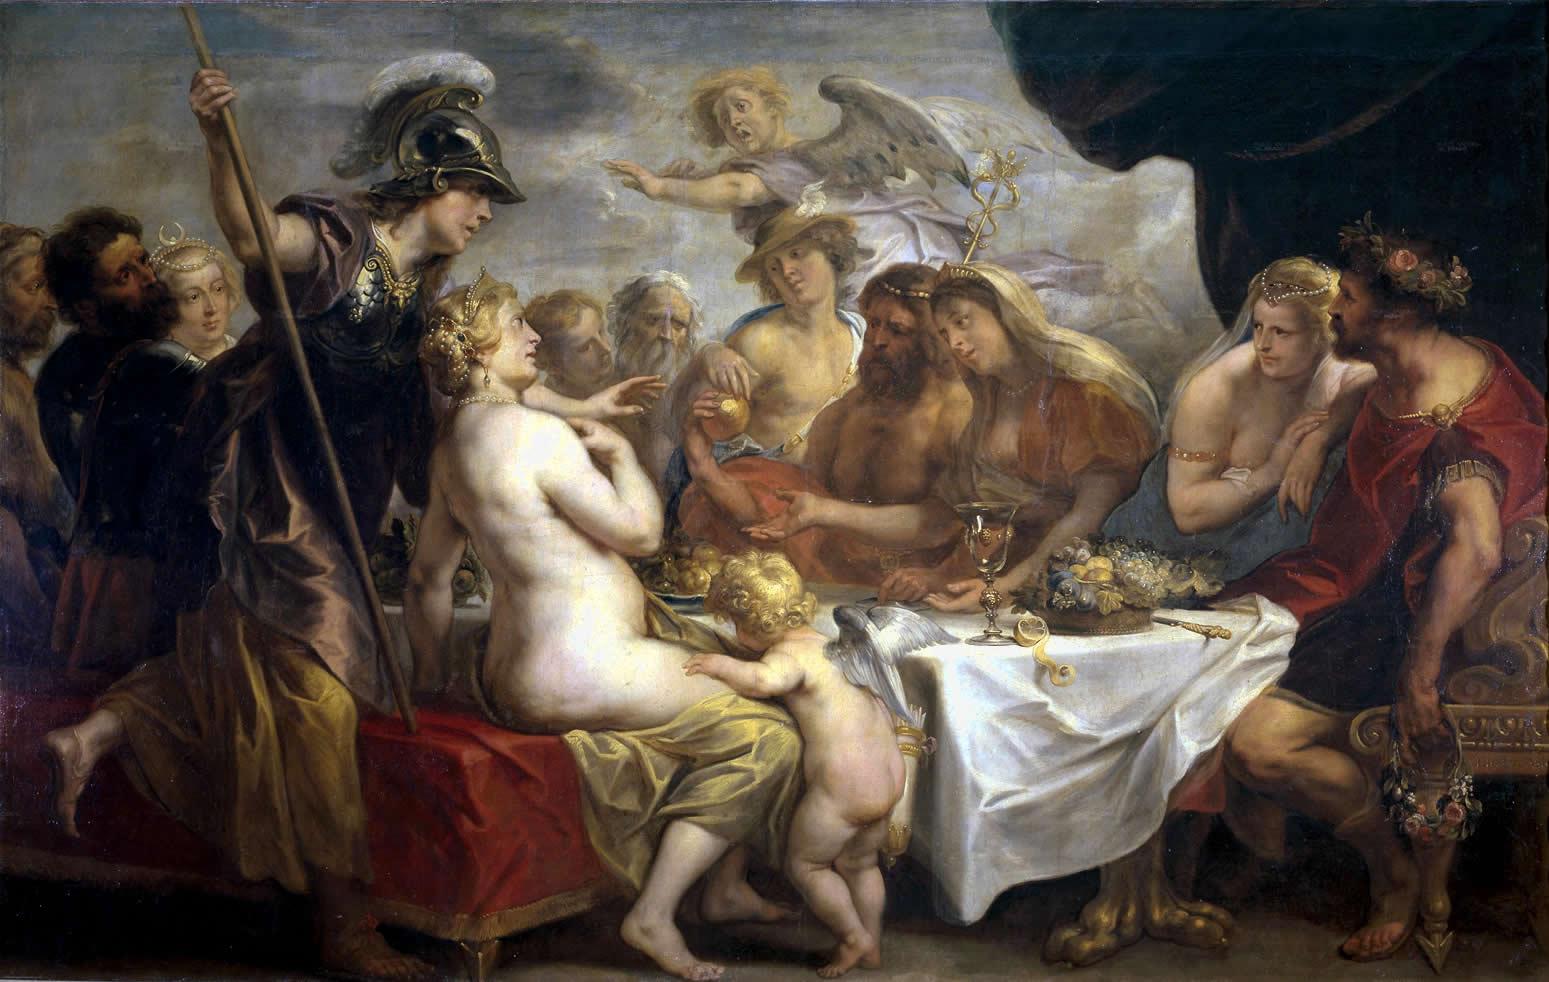 manzana antigua grecia - La manzana de la discordia y el amor en la antigua Grecia 4